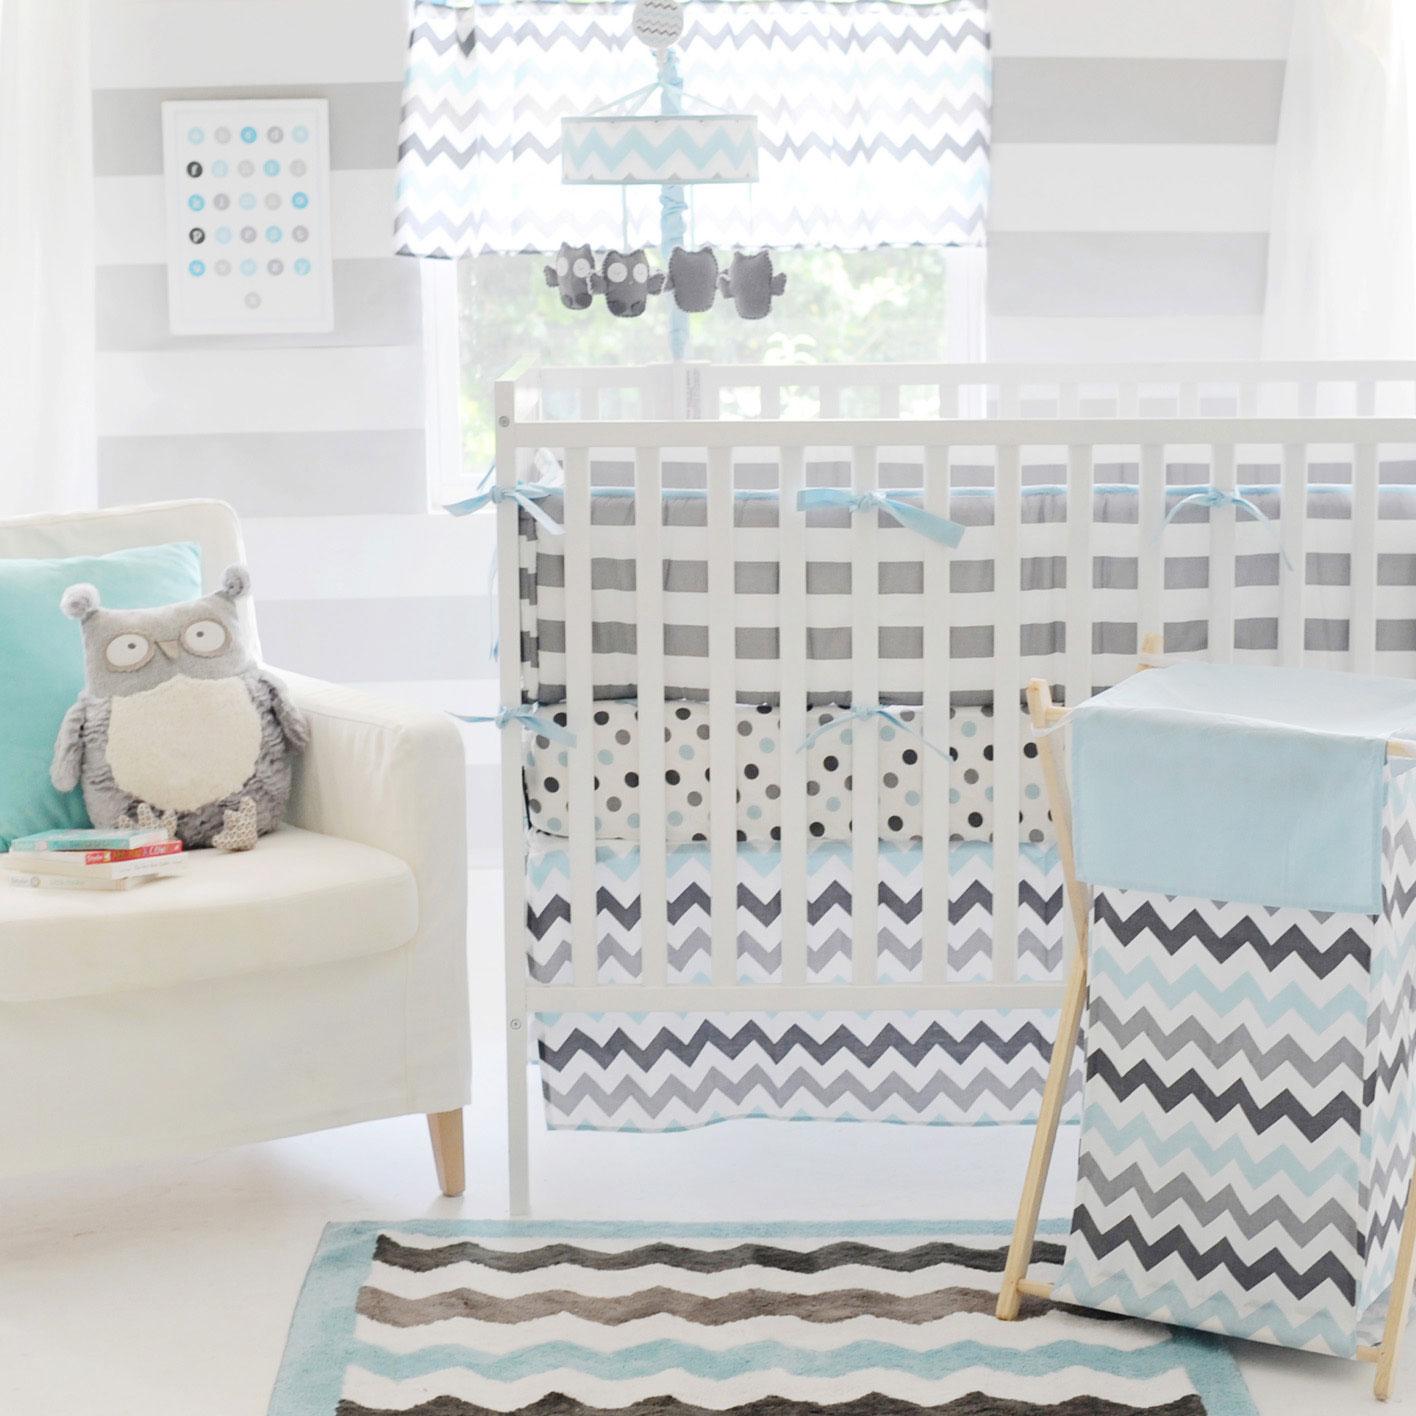 Chevron Baby Aqua Crib Set - InteriorDecorating